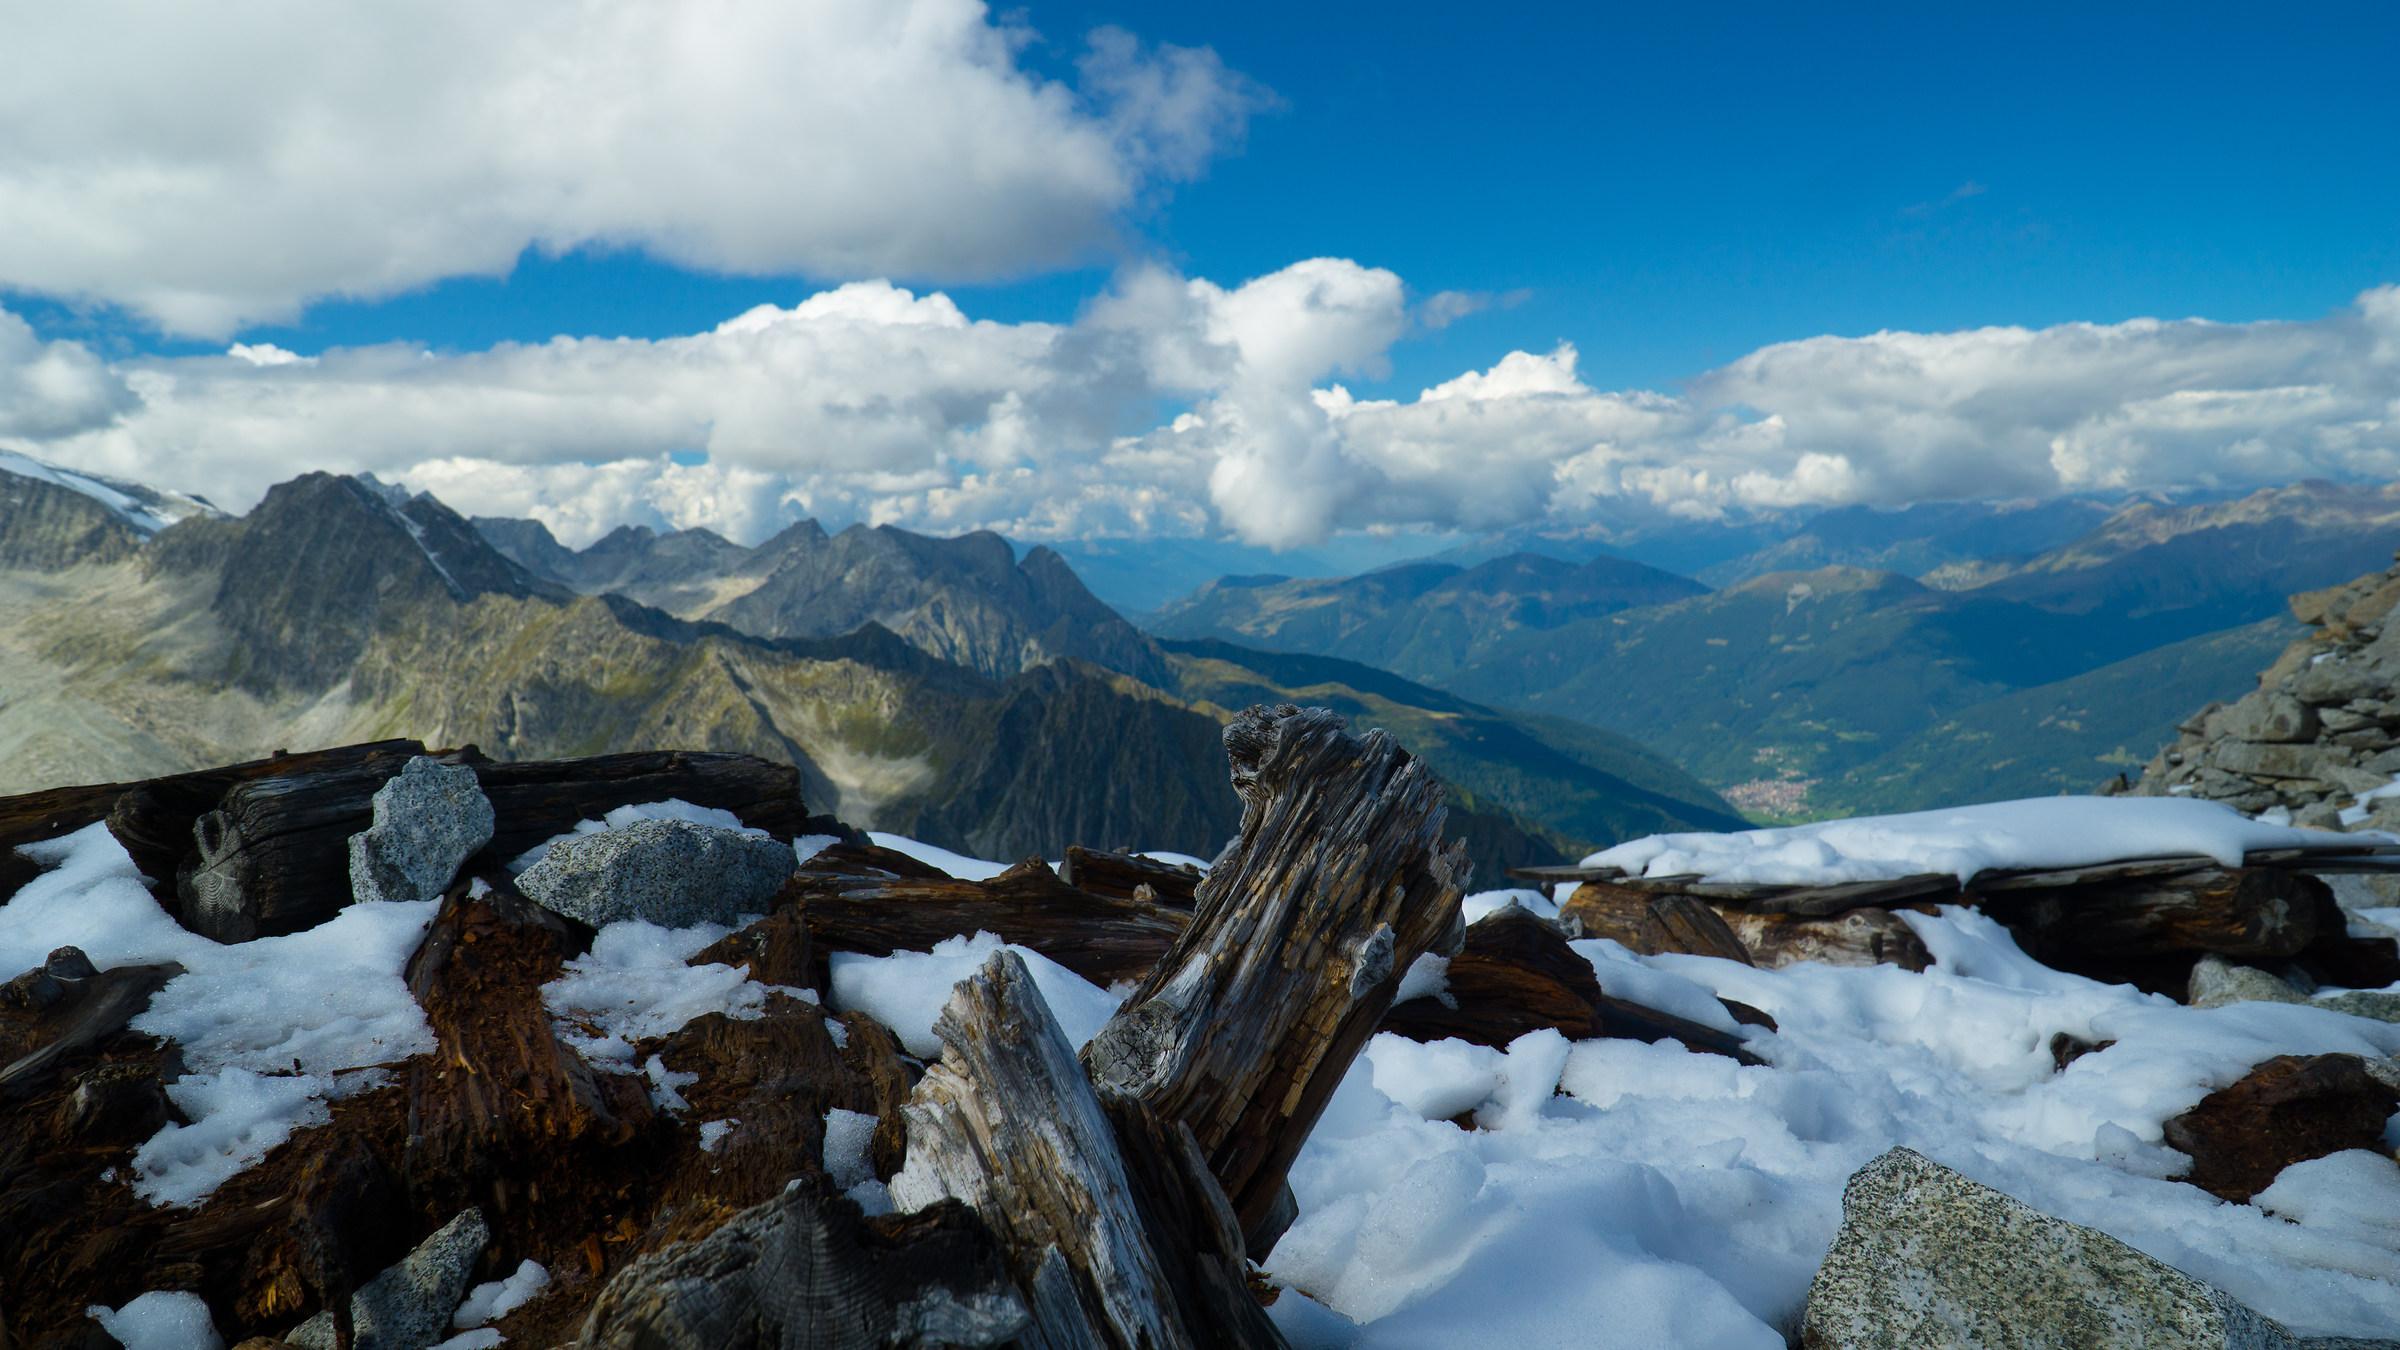 valli neve legna nuvole e muretto...